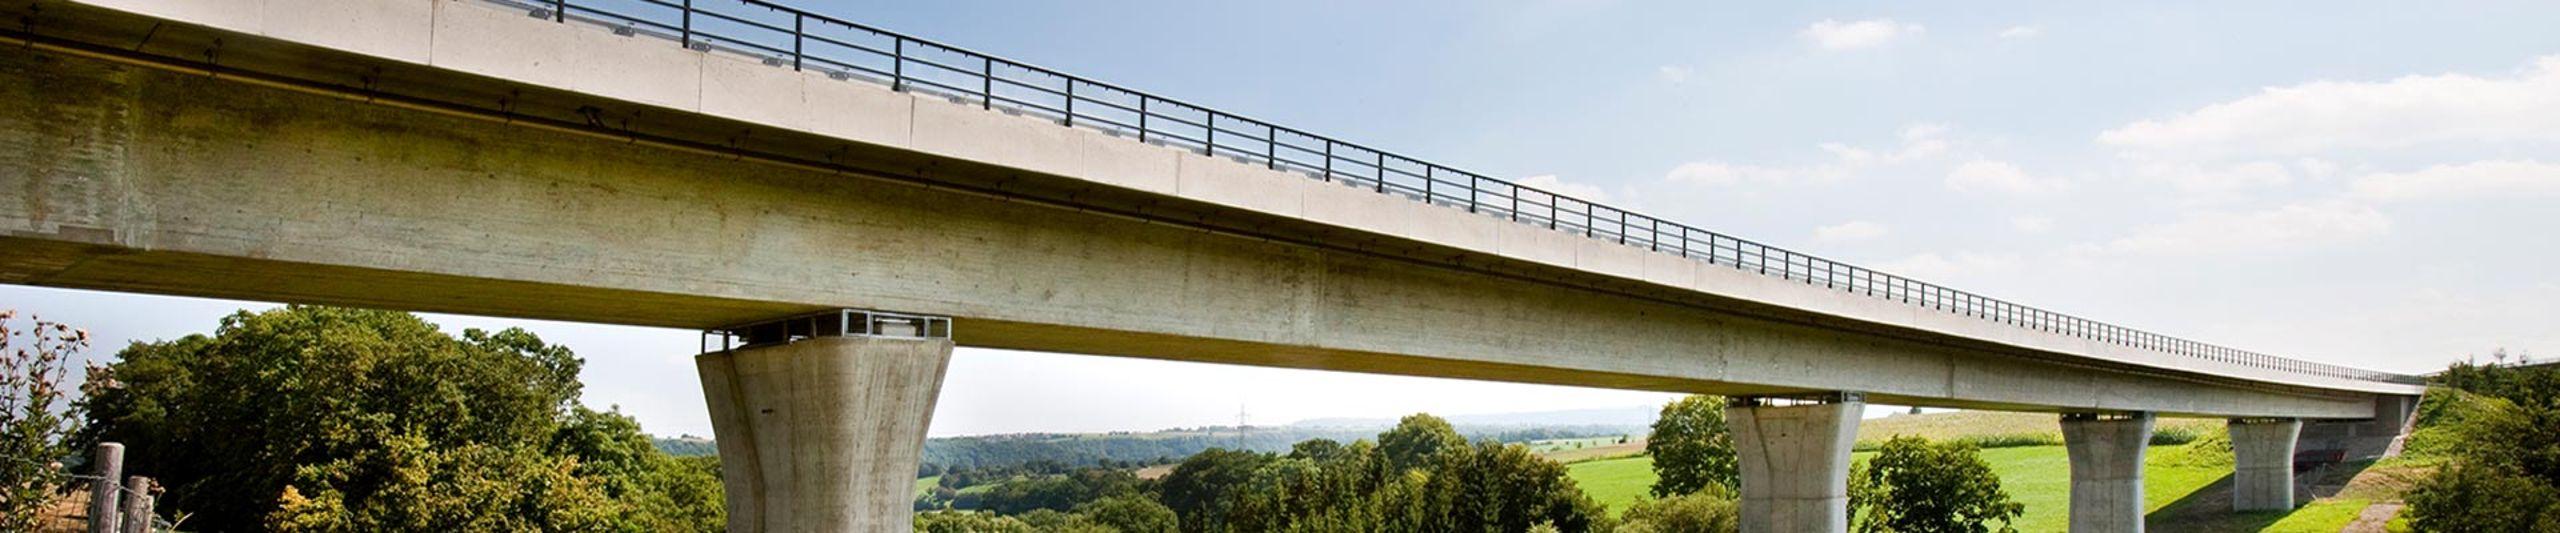 Ingenieurbau - Brücken vom Profi